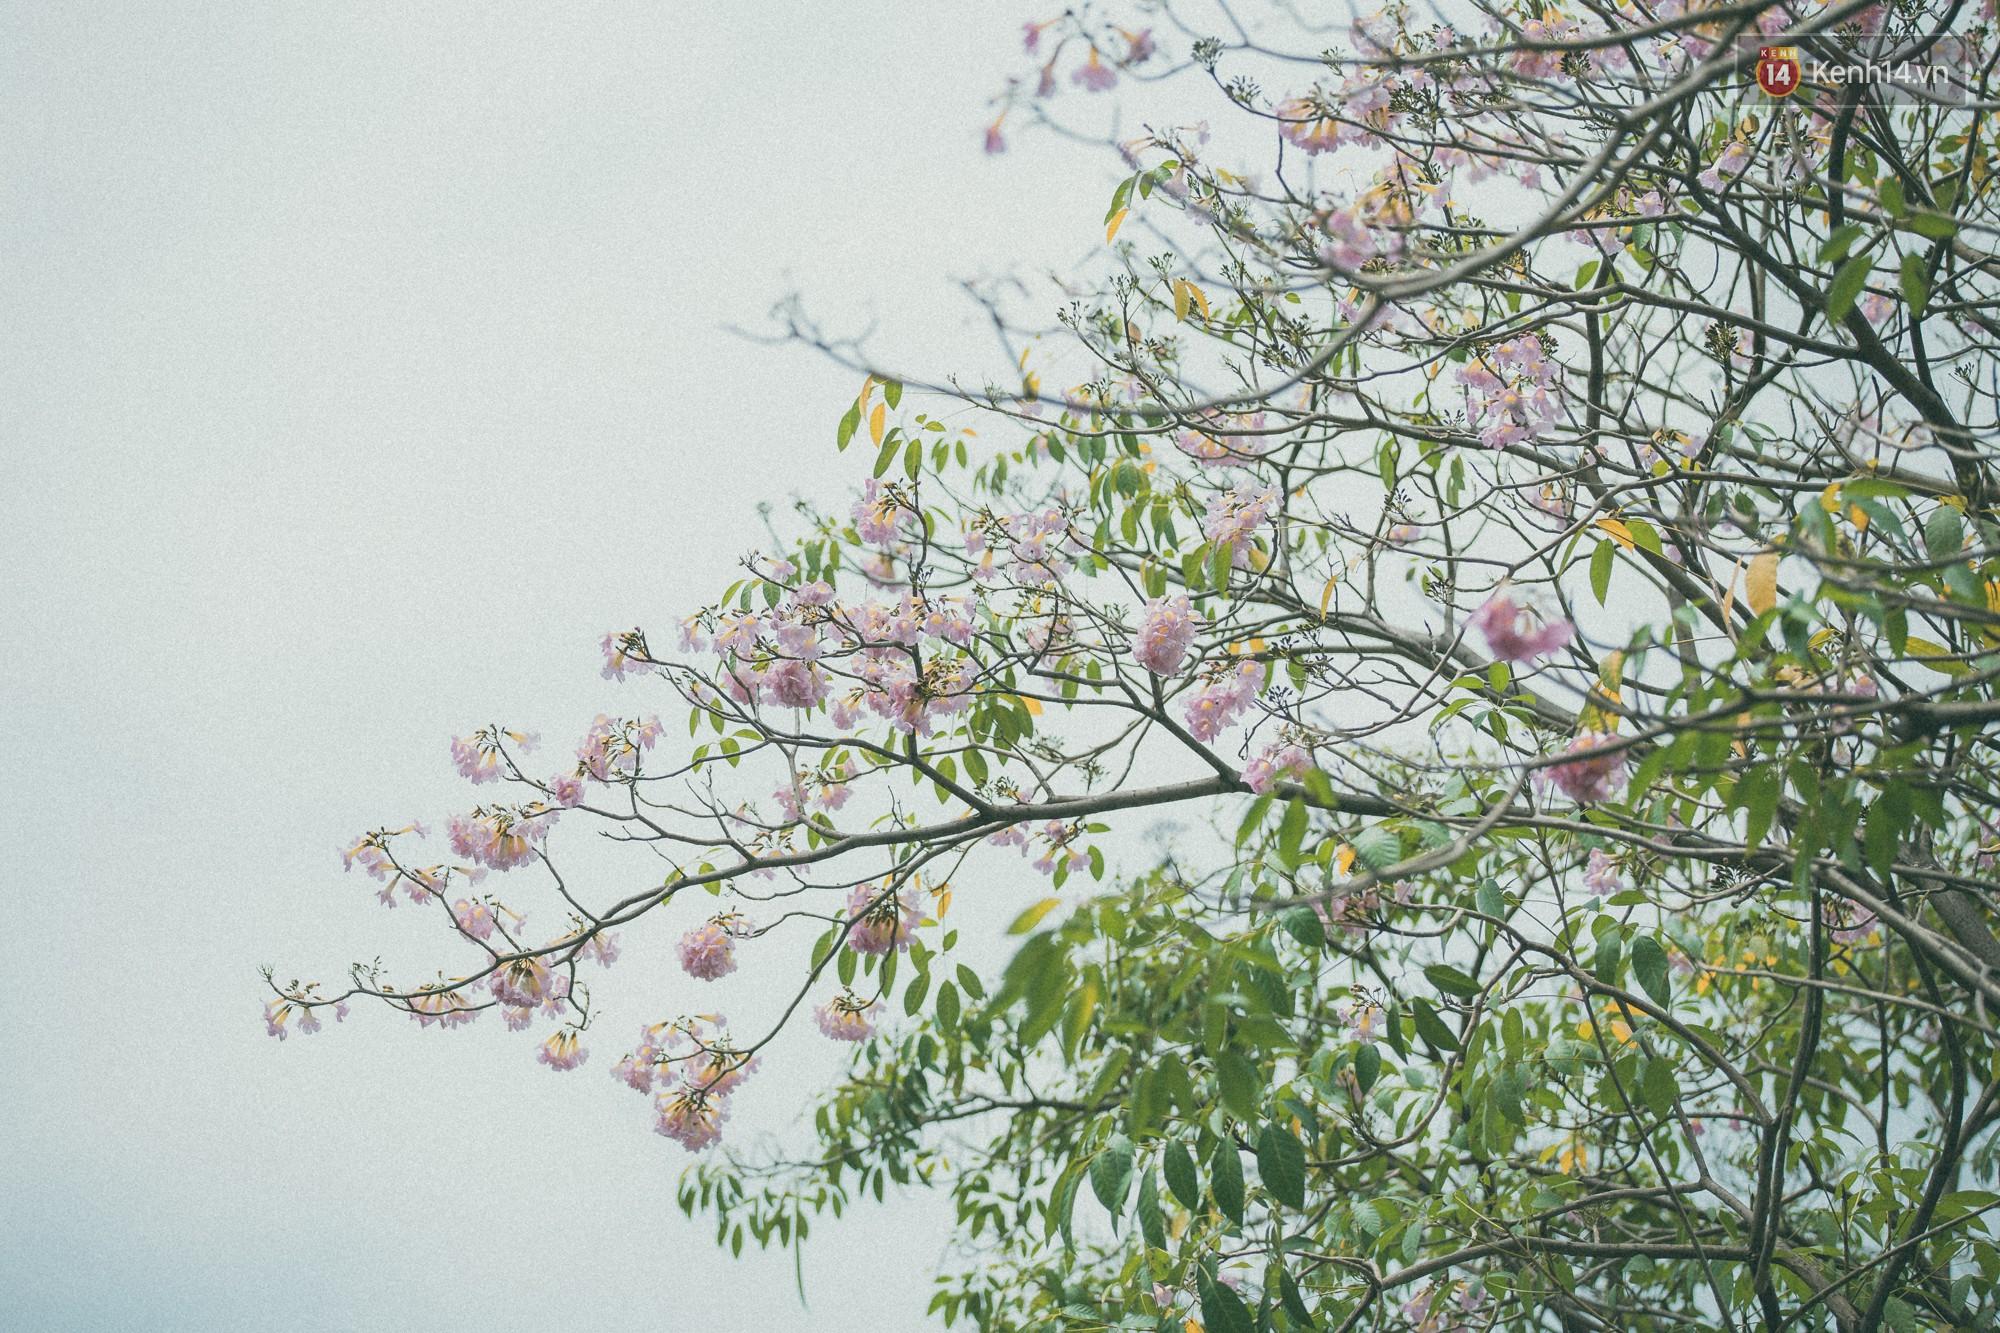 Sài Gòn mùa hoa kèn hồng: dịu dàng và dễ thương đến lạ! - Ảnh 12.